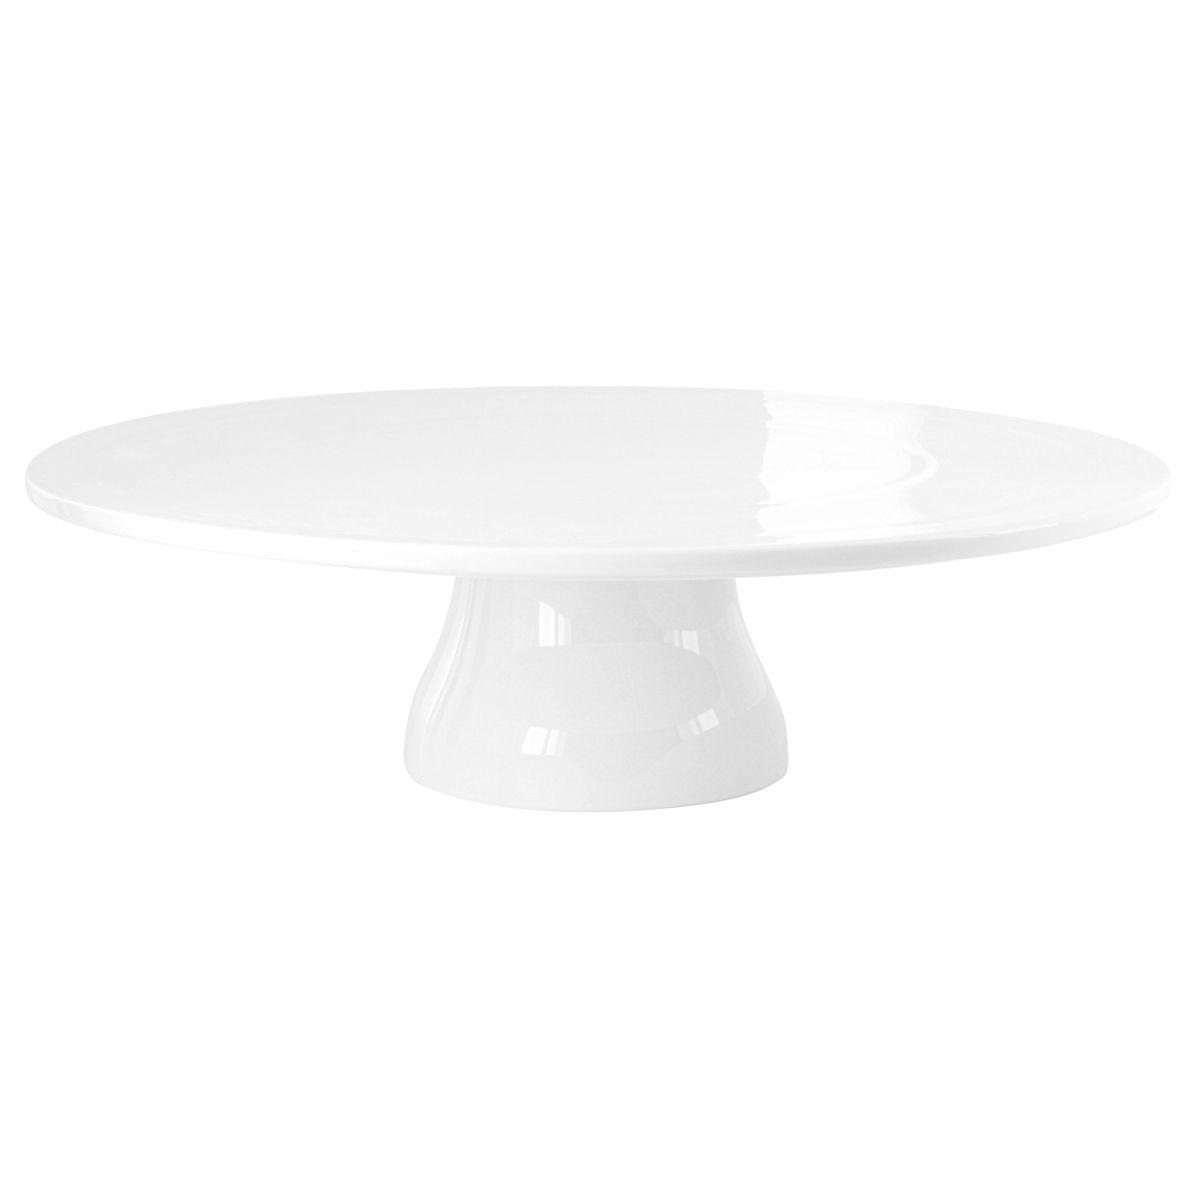 Plat à gâteau sur pied en porcelaine blanche 33 cm - Aerts